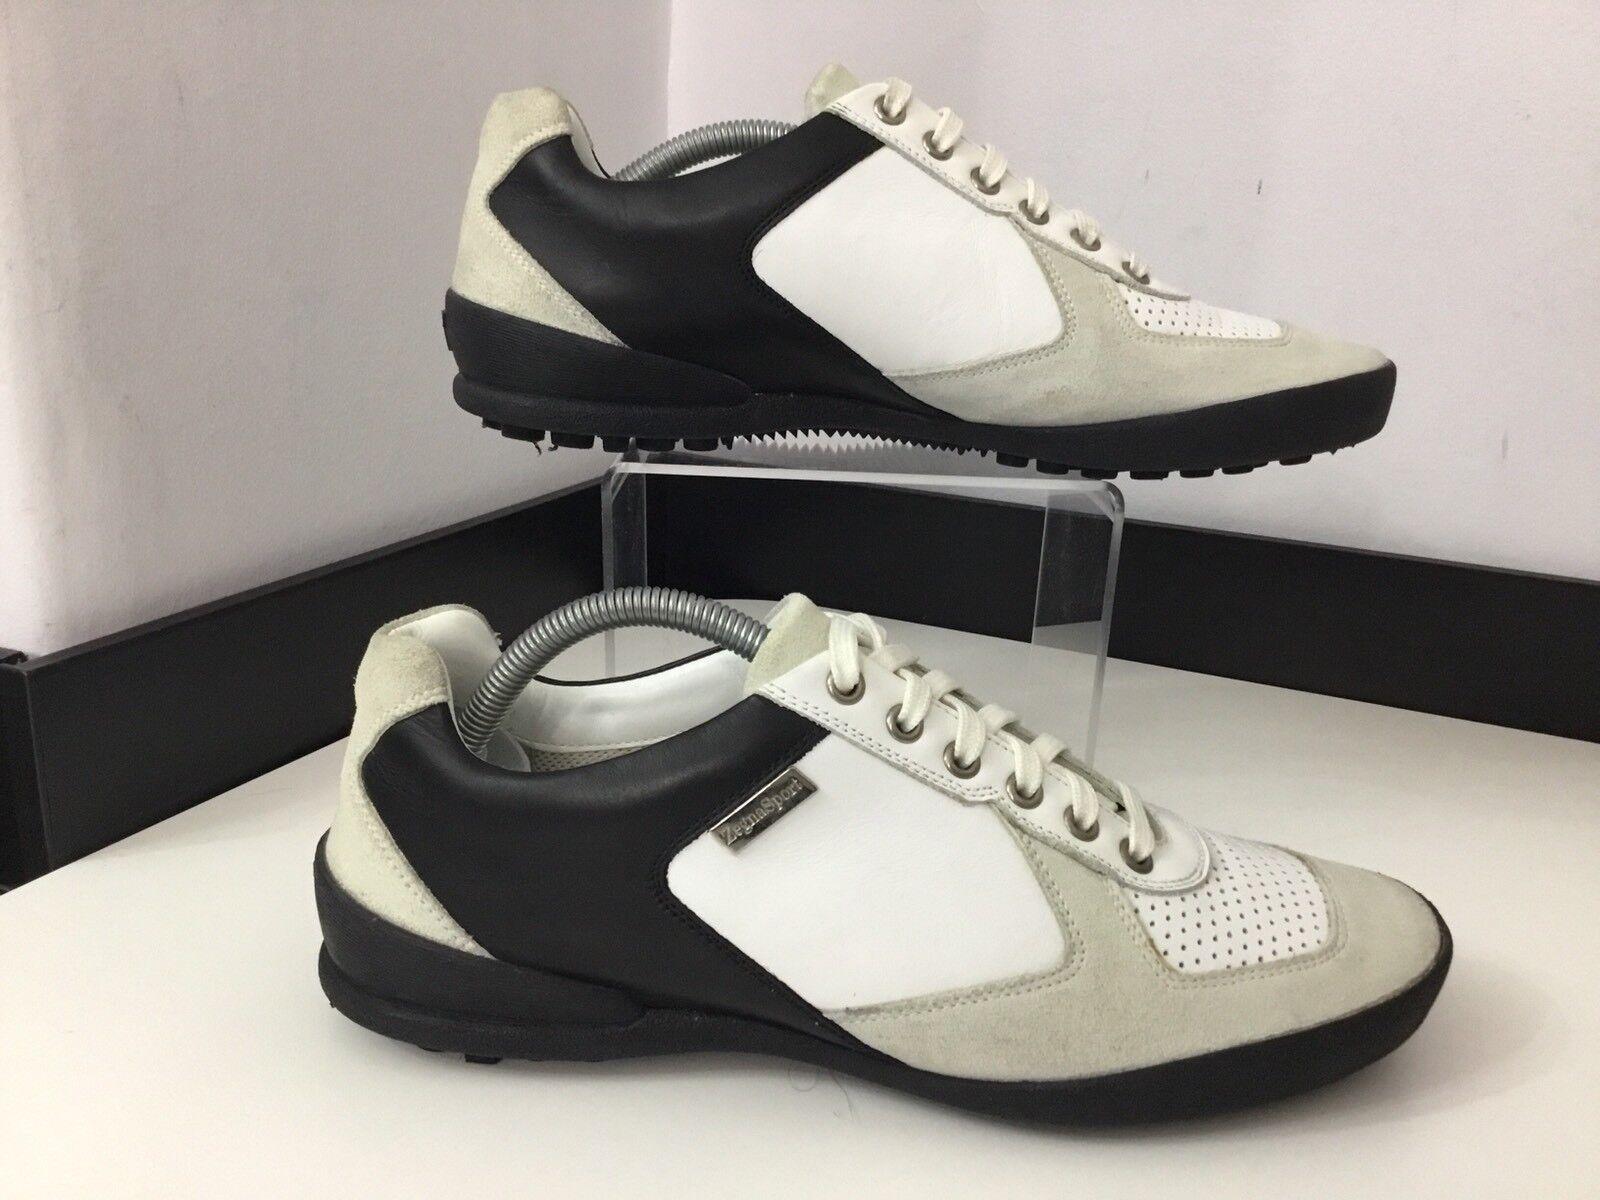 ZEGNA Sport Para Hombre Zapatillas, Zapatillas, Reino Unido 5 Eu39, Cuero blancoo, Inmaculada